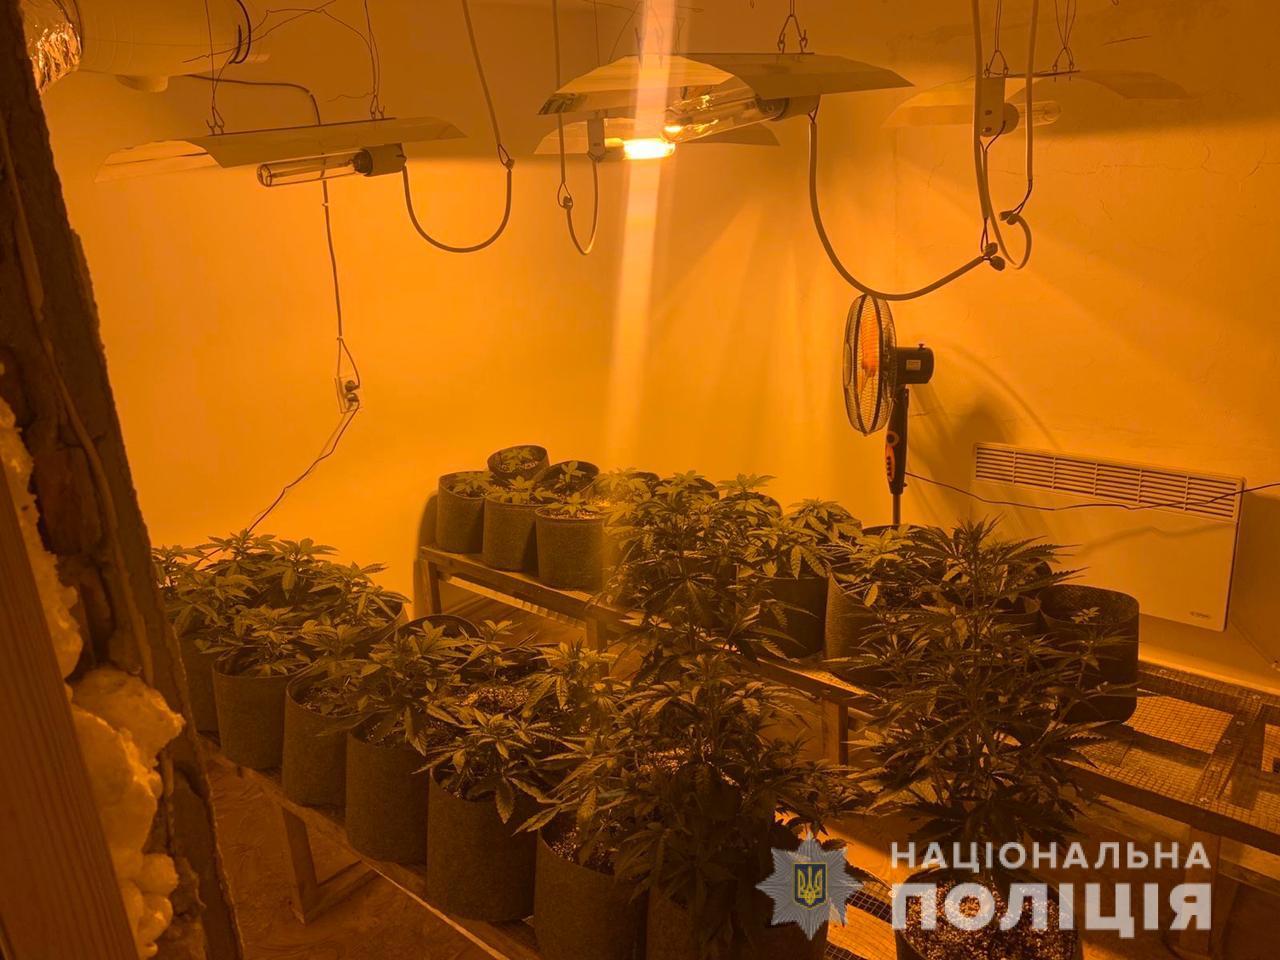 В ходе санкционированного обыска в доме жителя Раховского района правоохранители изъяли более трех десятков кустов растений каннабиса и оборудование для их выращивания.